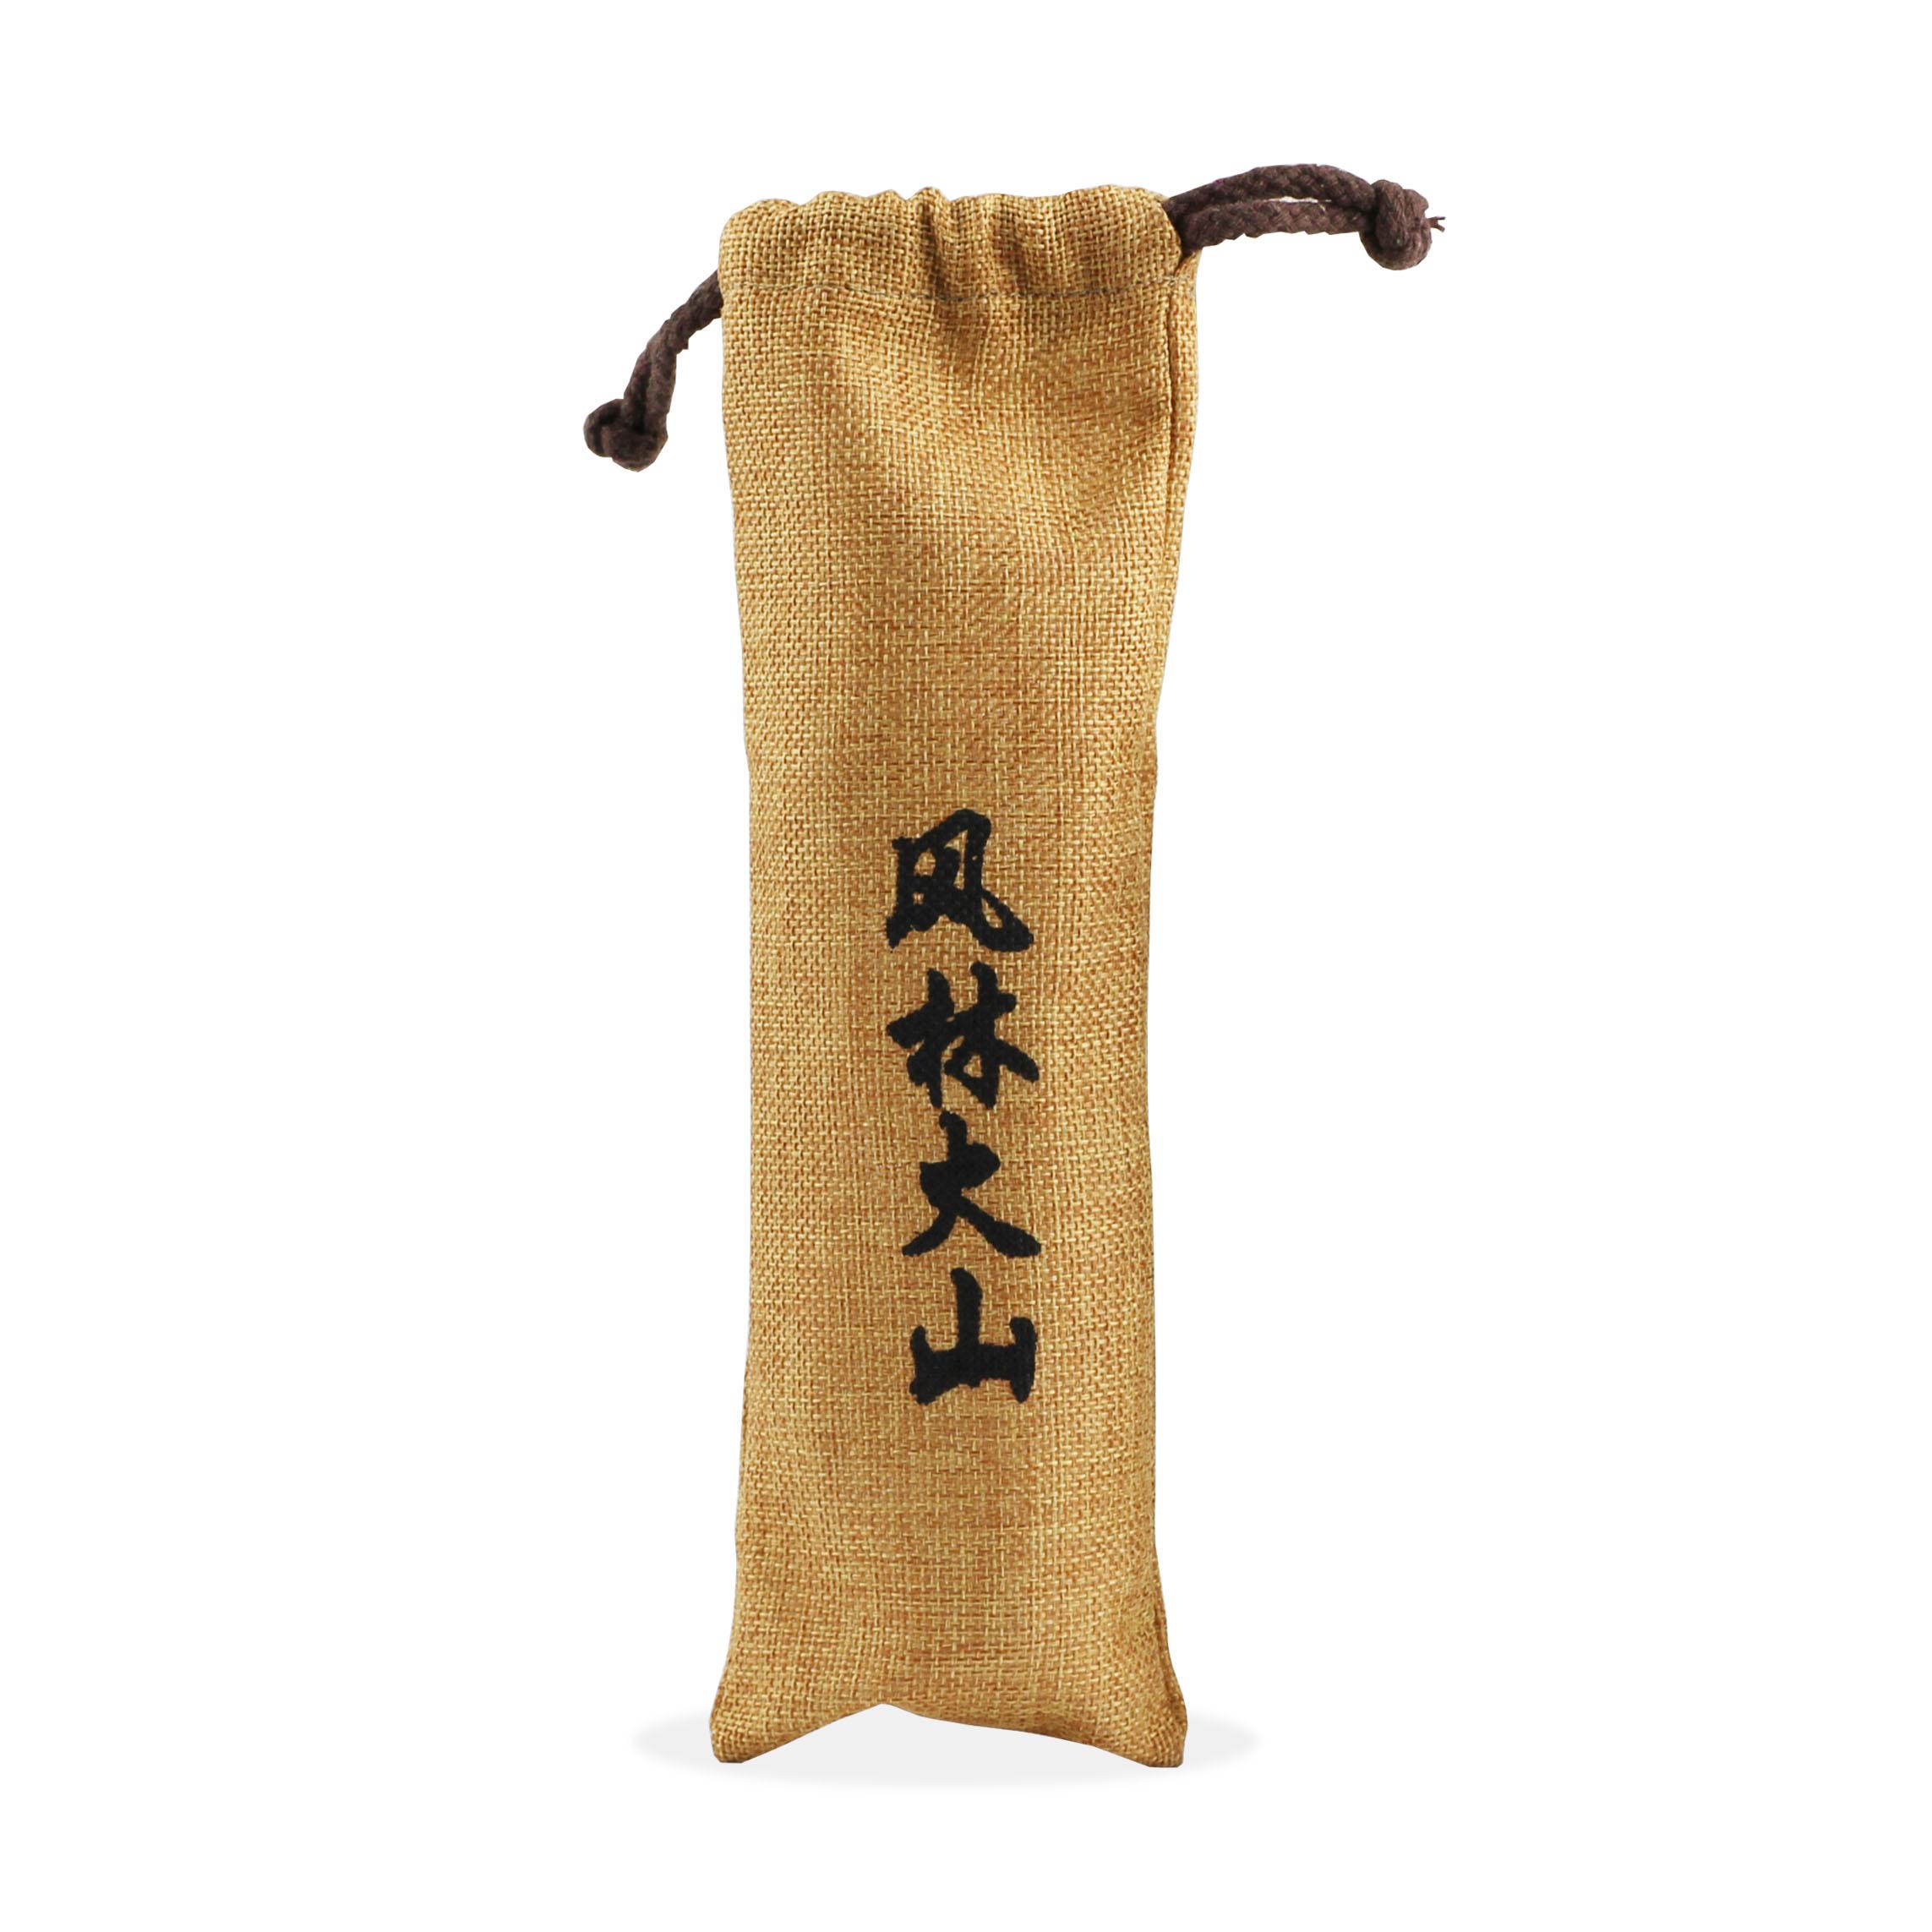 yaosir乒乓球盒收纳盒收纳袋袋子风林火山亚麻布袋可装6只球